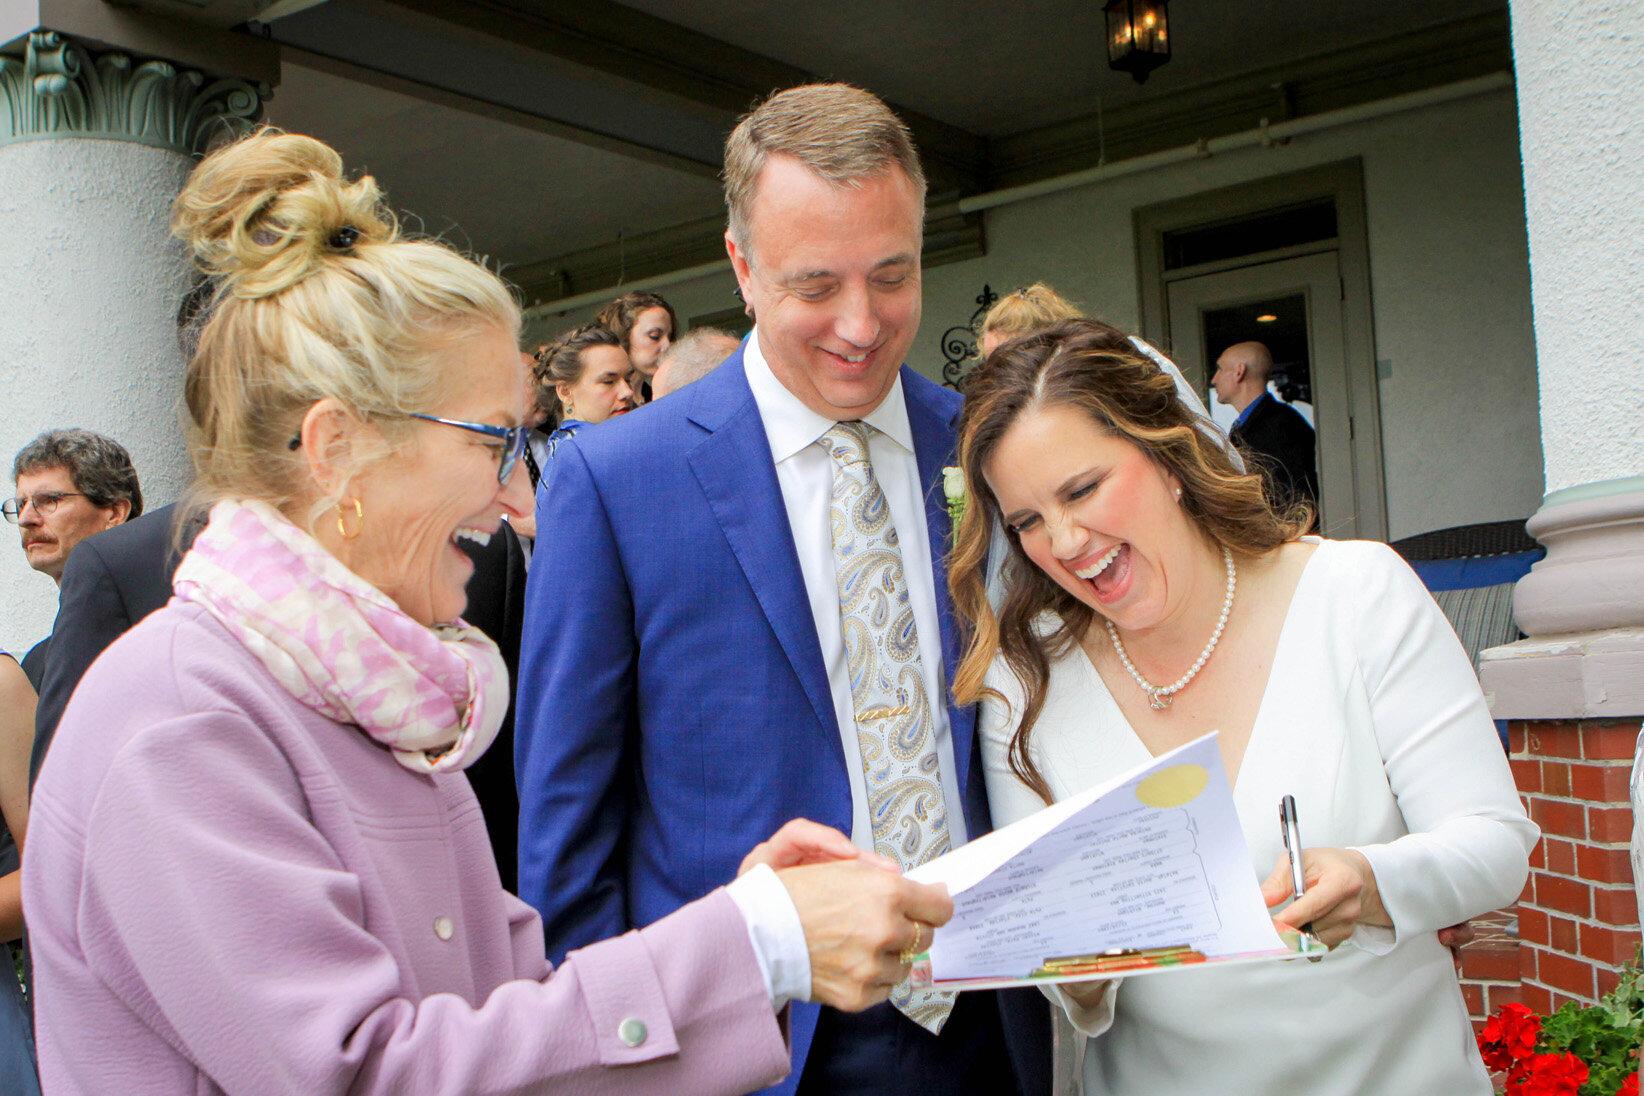 a17_Stonecliffe Wedding.jpg